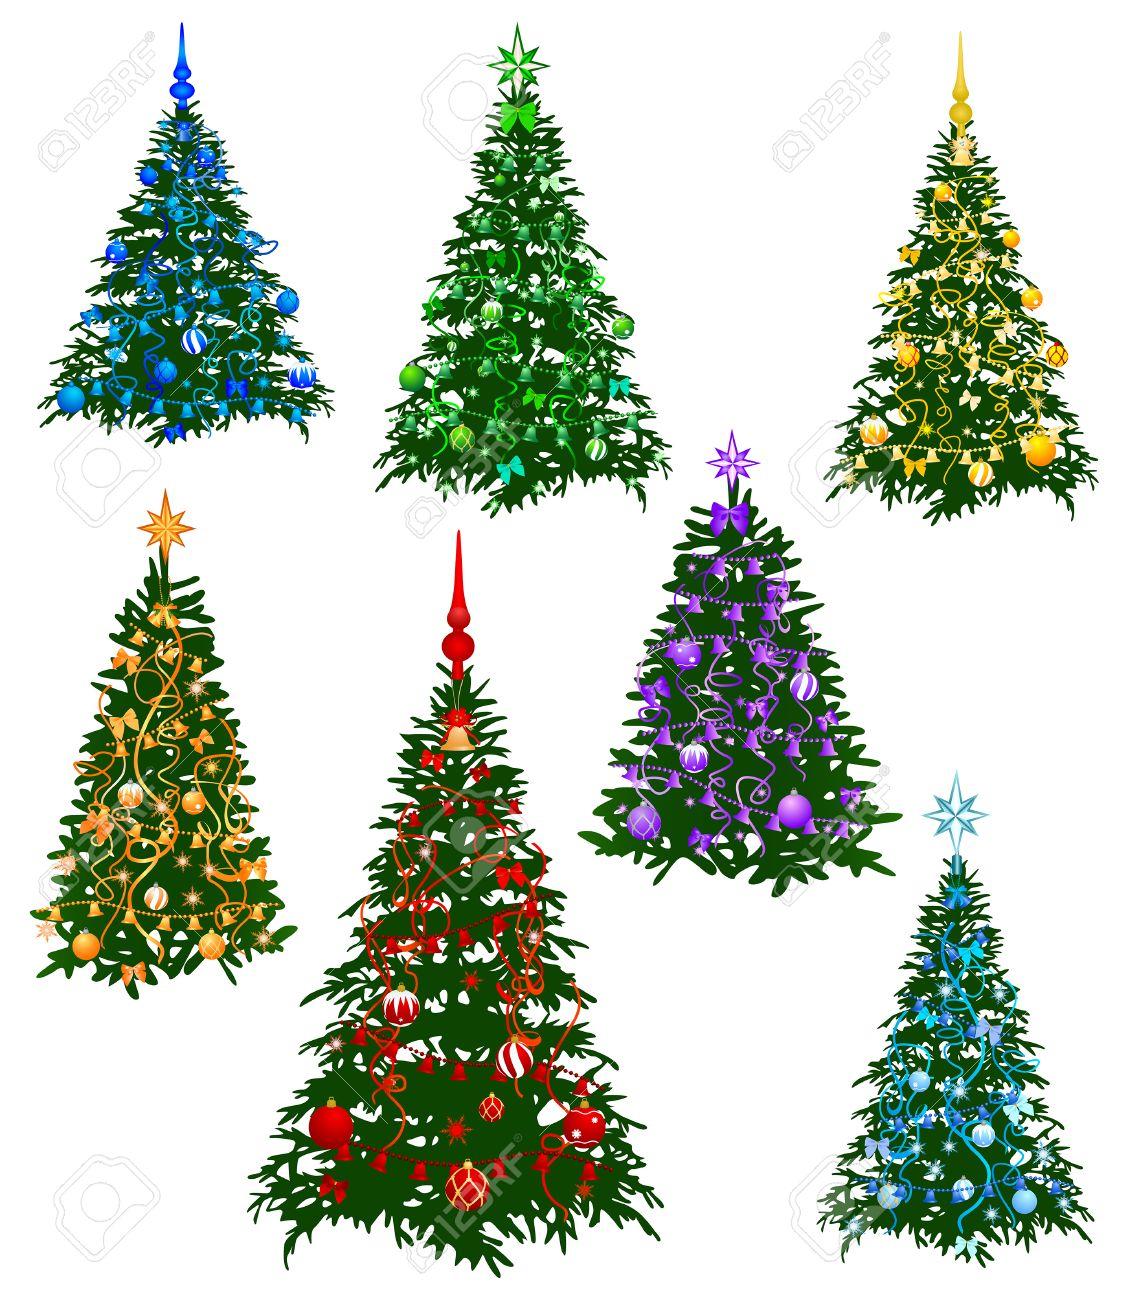 La Imagen De La Siete Pieles-árbol De Navidad Decorado Por Unas ...